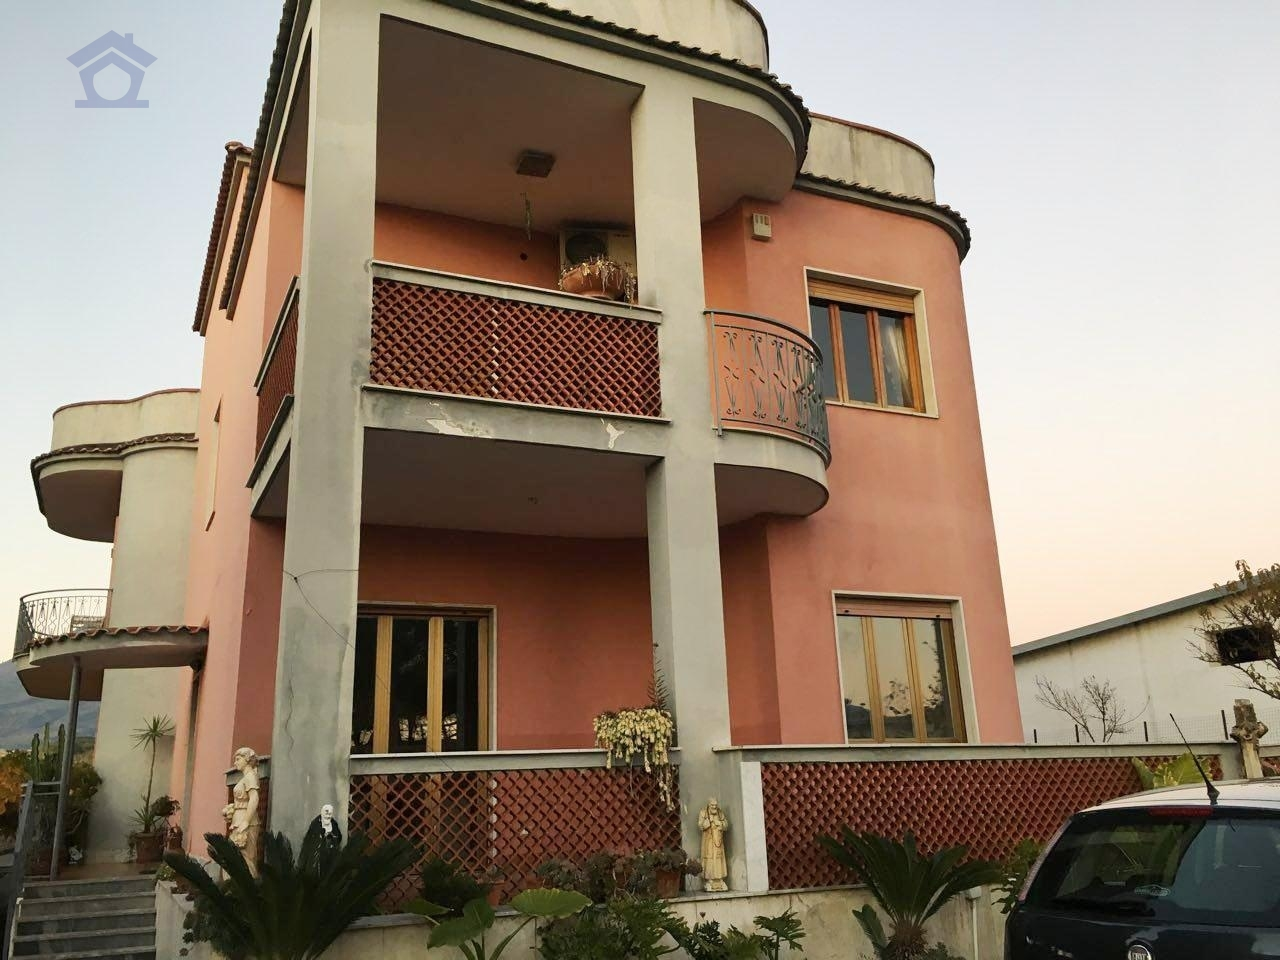 Appartamento in affitto a Torre del Greco, 4 locali, zona Zona: Leopardi, prezzo € 700 | CambioCasa.it